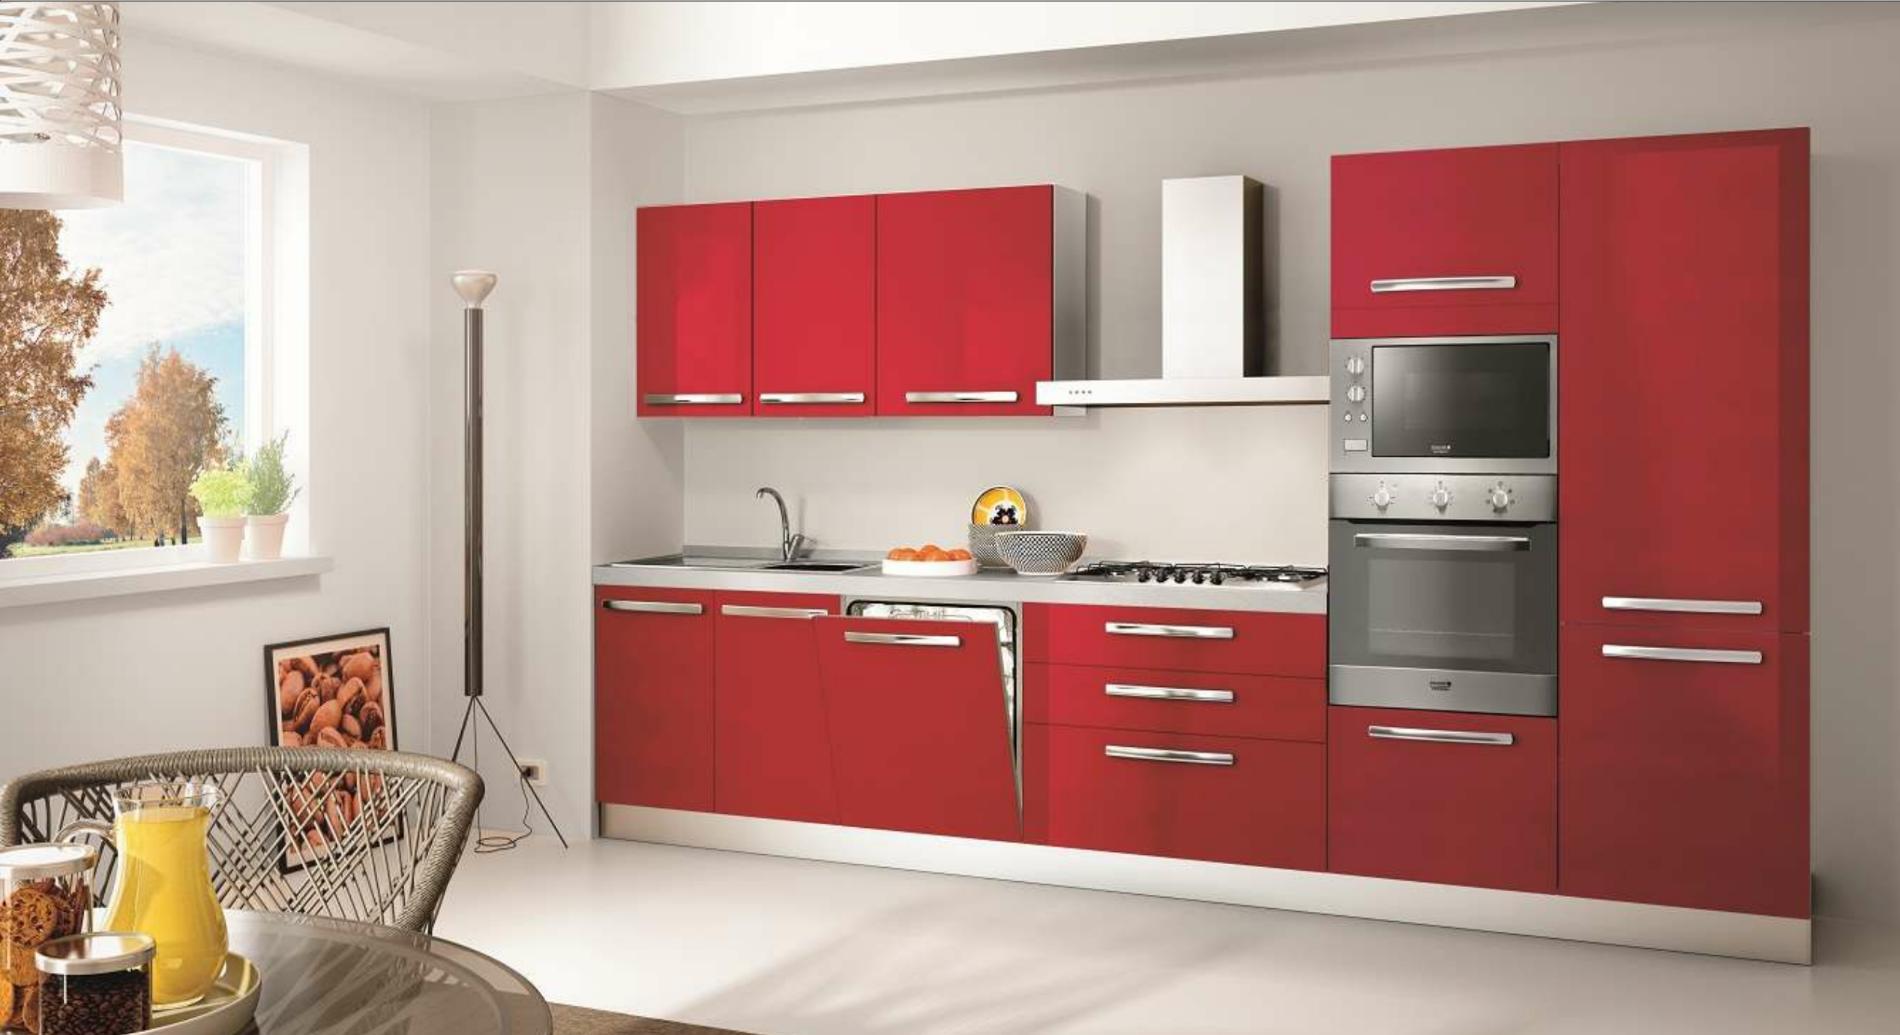 Mobilturi cucine cucina cucina modello gaia cucine a prezzi scontati - Cucine mobilturi opinioni ...